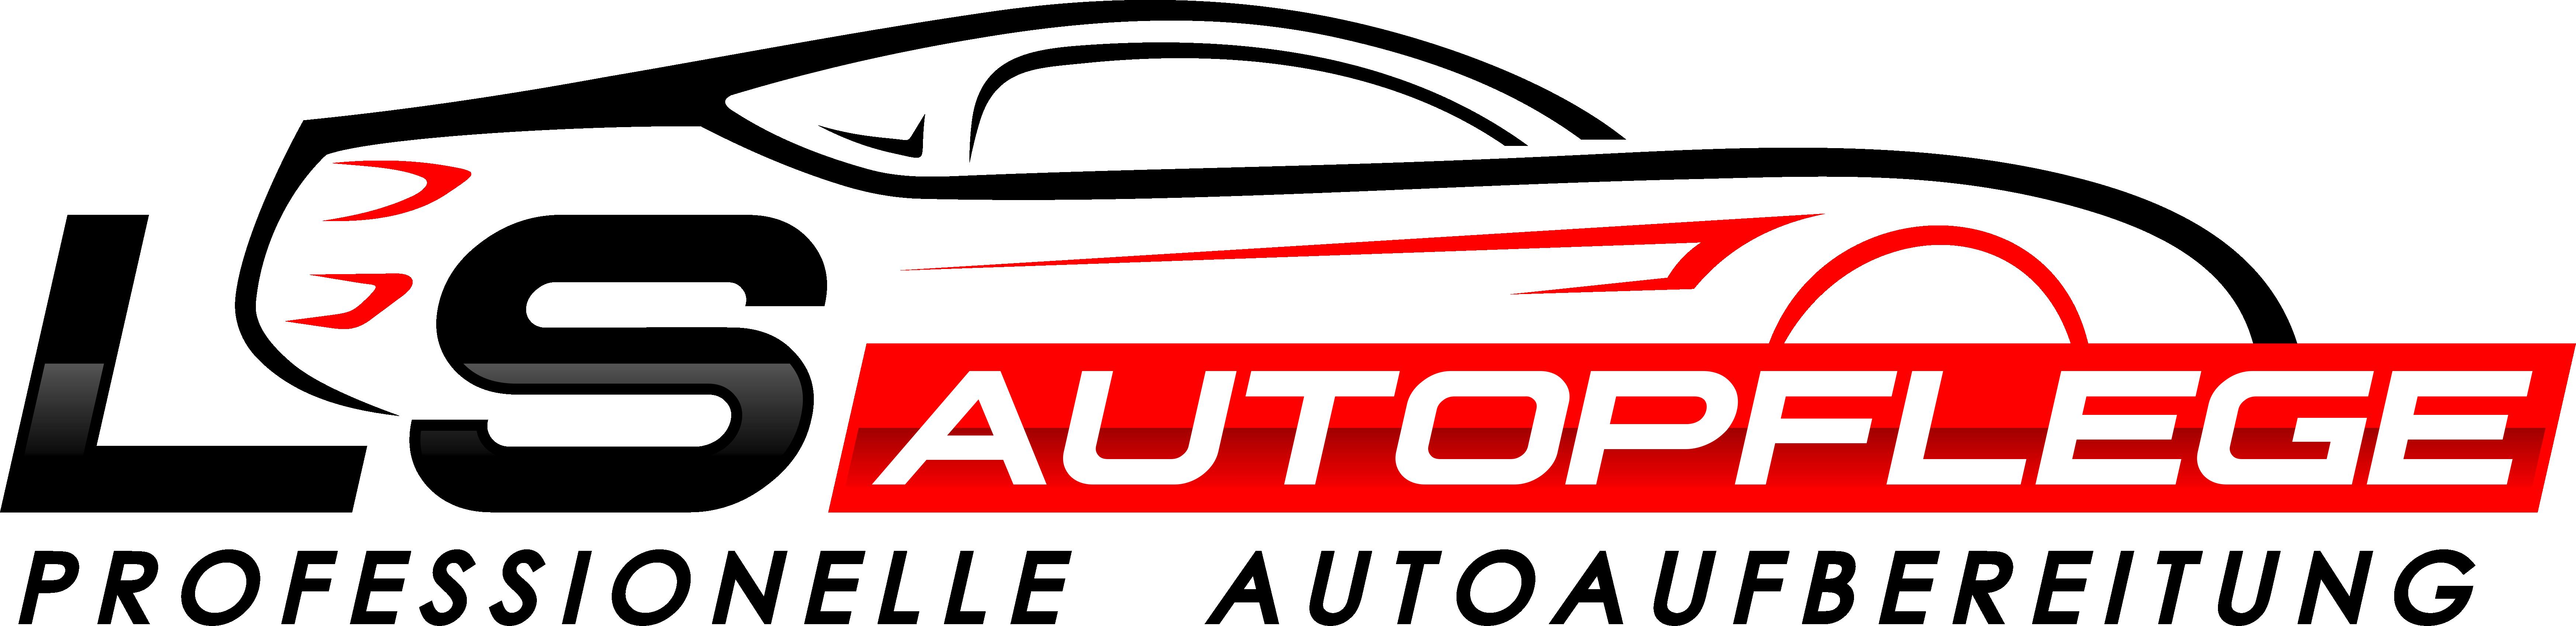 LS-AUTOPFLEGE